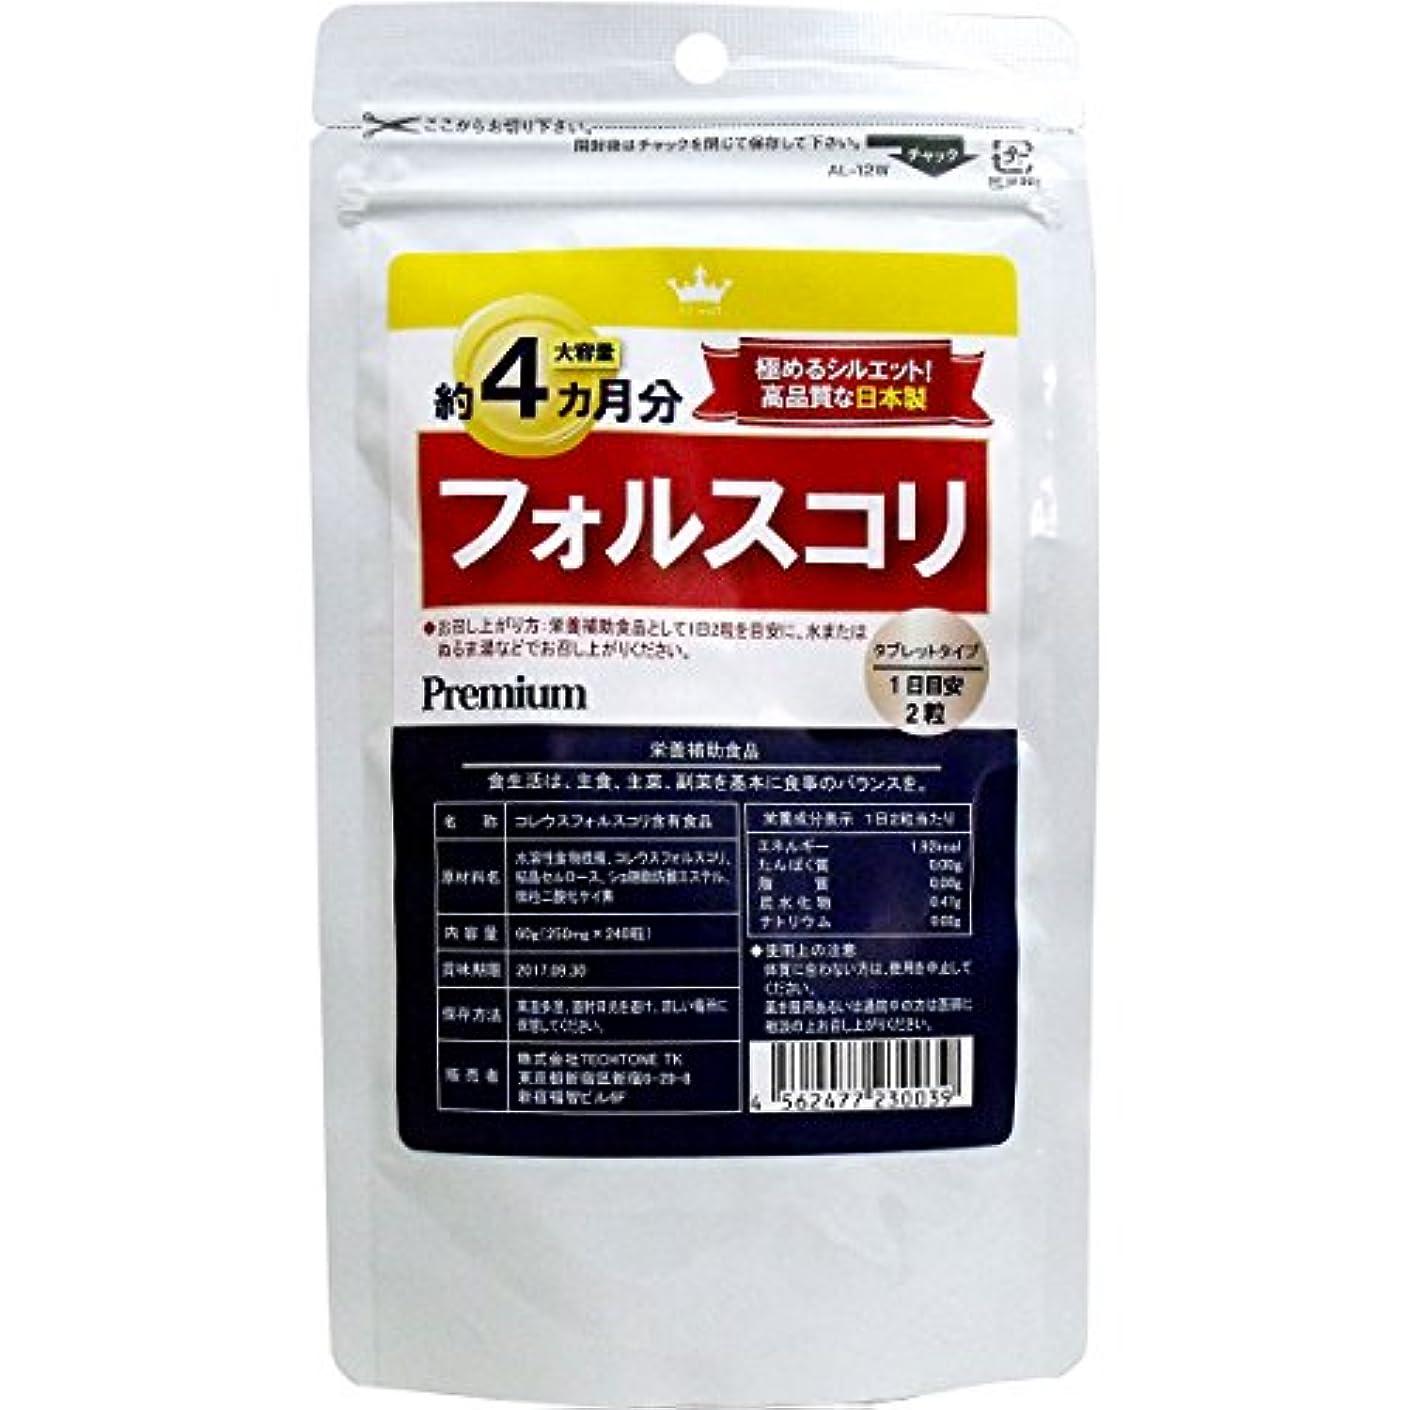 スポット駅応答ダイエット 高品質な日本製 人気 フォルスコリ 約4カ月分 240粒入【2個セット】